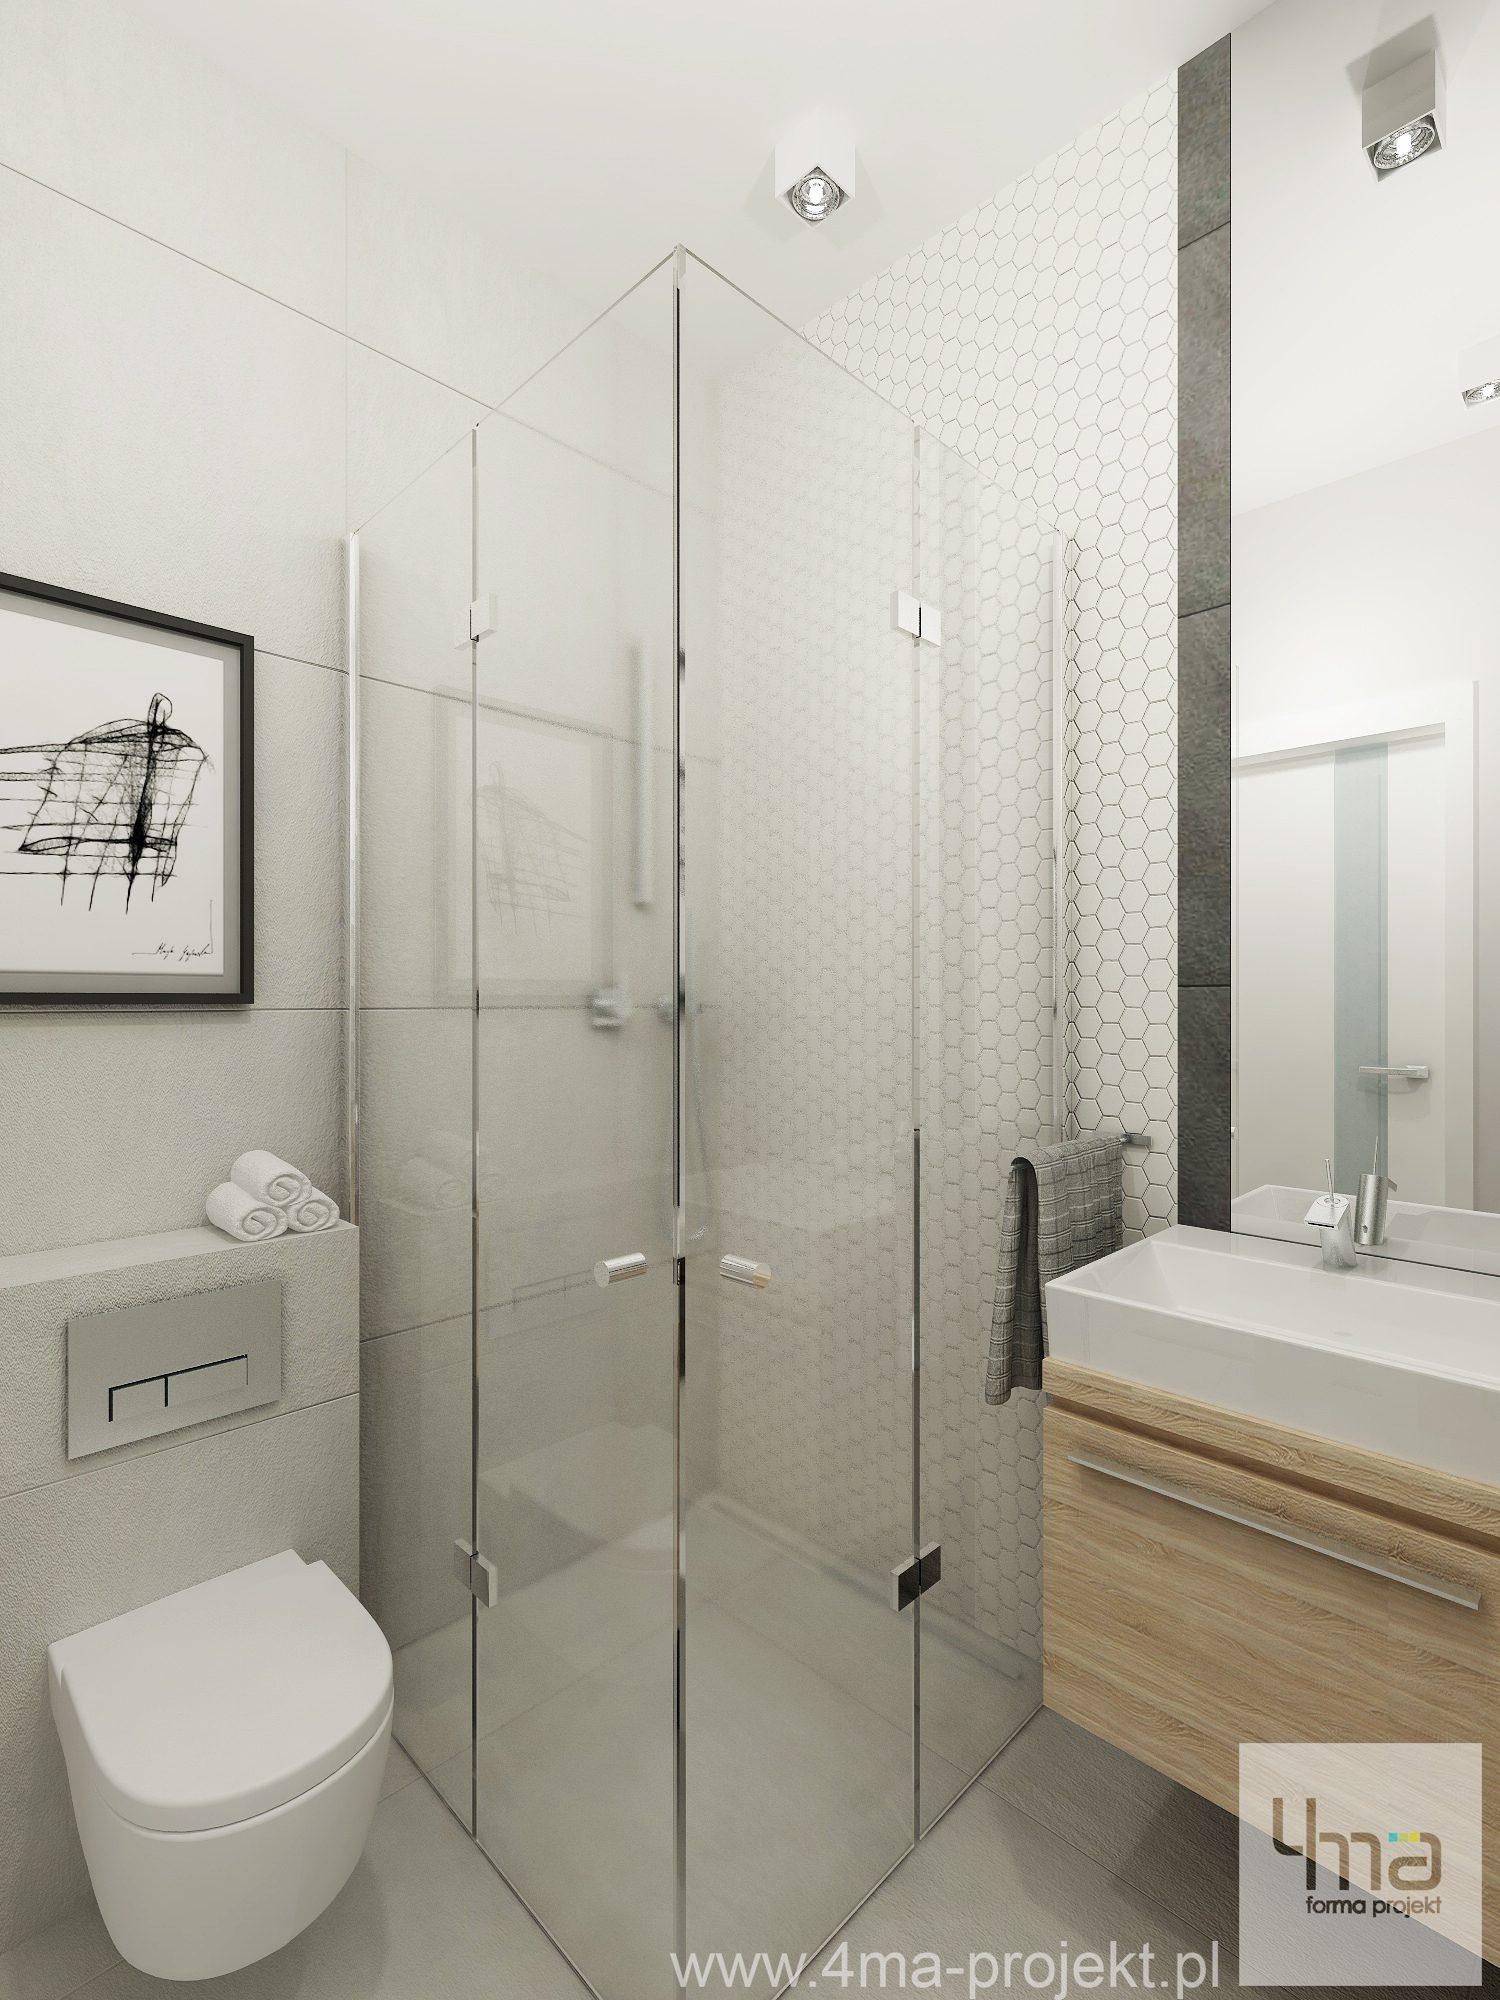 Jak Zaplanowac Aranzacje Lazienki Z Prysznicem M Mieszkanie